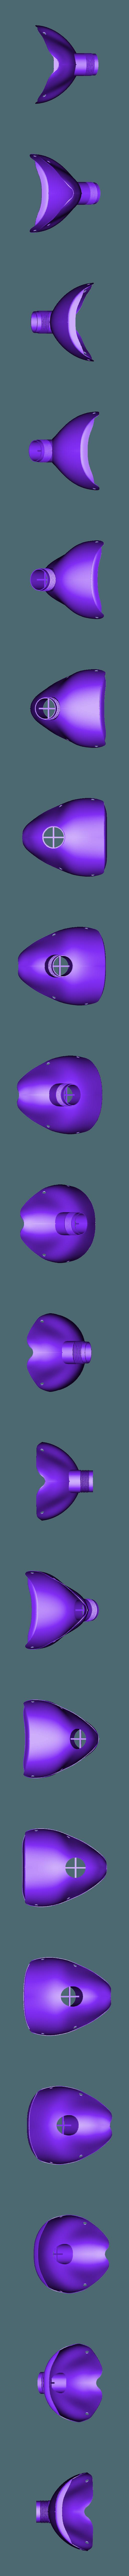 mascherina-COVID_19_struttura_V3_0.stl Download free STL file Mascherina-COVID-19 • 3D printable design, marcogenito